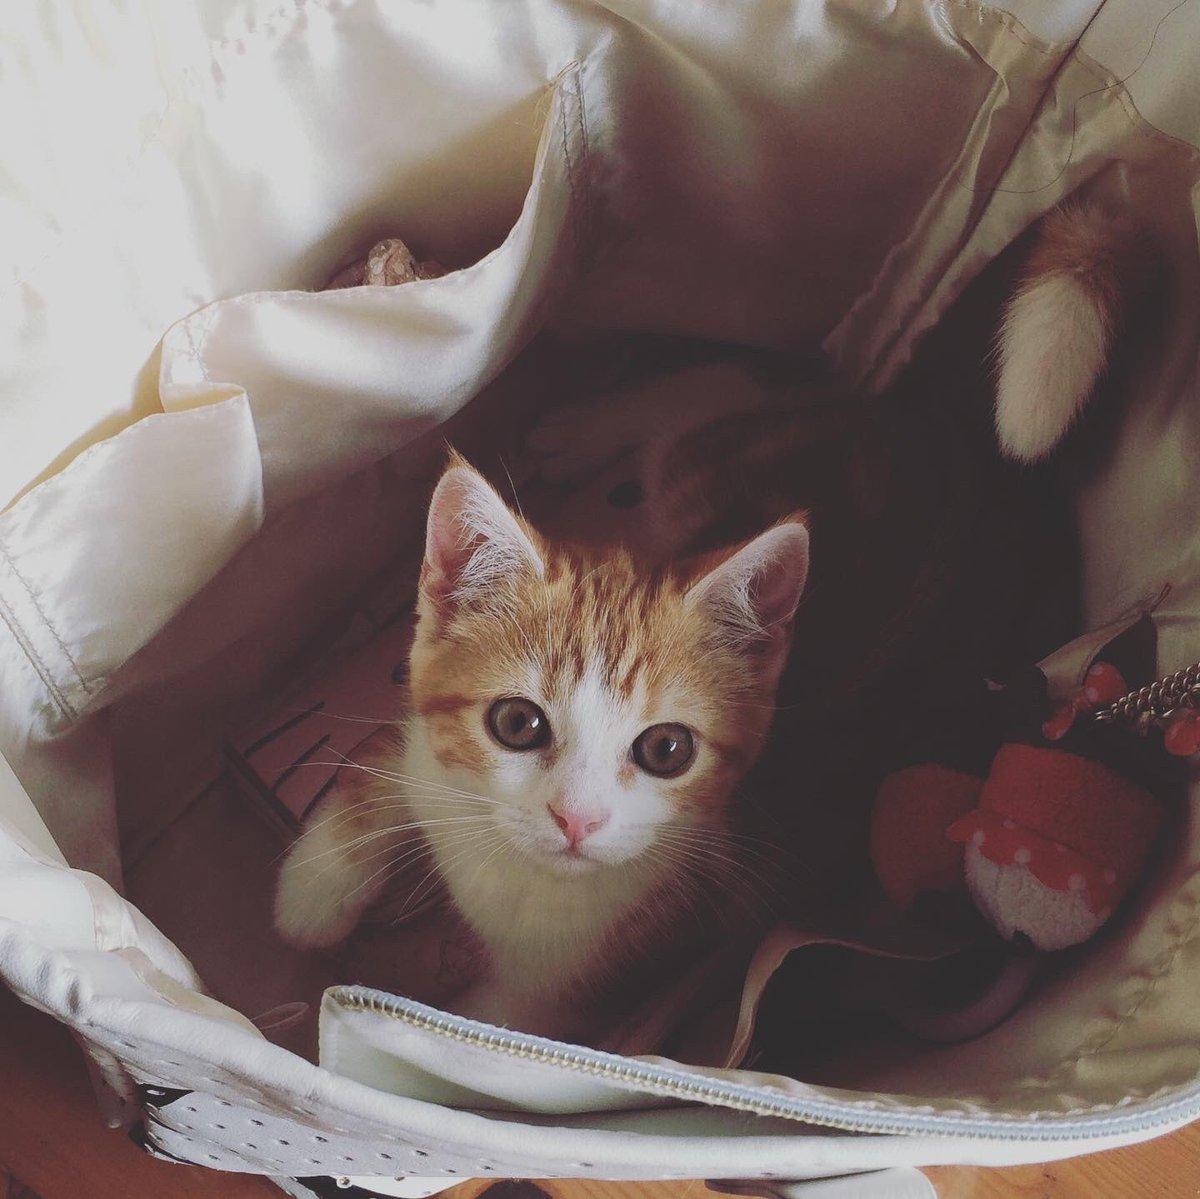 バッグに入って、あたちも一緒にお出かけするにゃ(ू•‧̫•ू⑅) #スコティッシュフォールド立ち耳 #スコティッシュ #子猫 #ねっこ #こねっこ #ネッコ #コネッコ #ねこすたぐらむ #ネコスタグラム #猫のいる暮らし #猫のいる幸せ #子猫のいる暮らし https://t.co/m24cYGNqq8